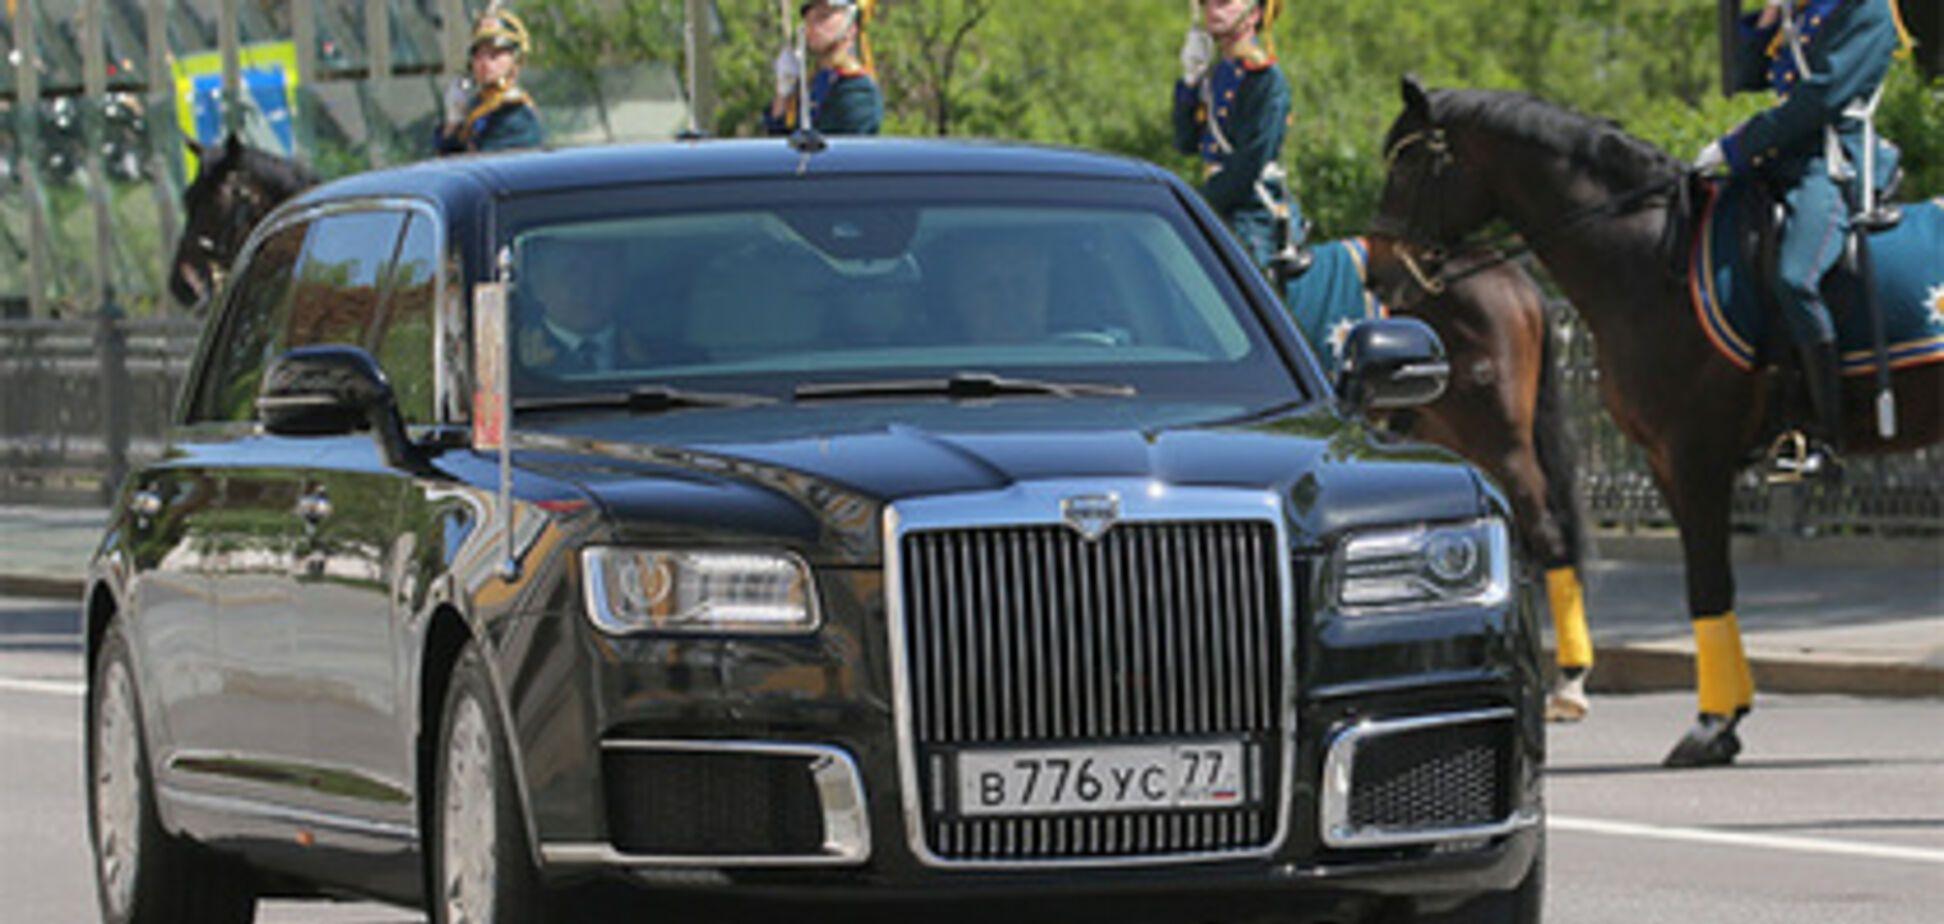 Номери для 'броньовика' Путіна зняли з українського Daewoo